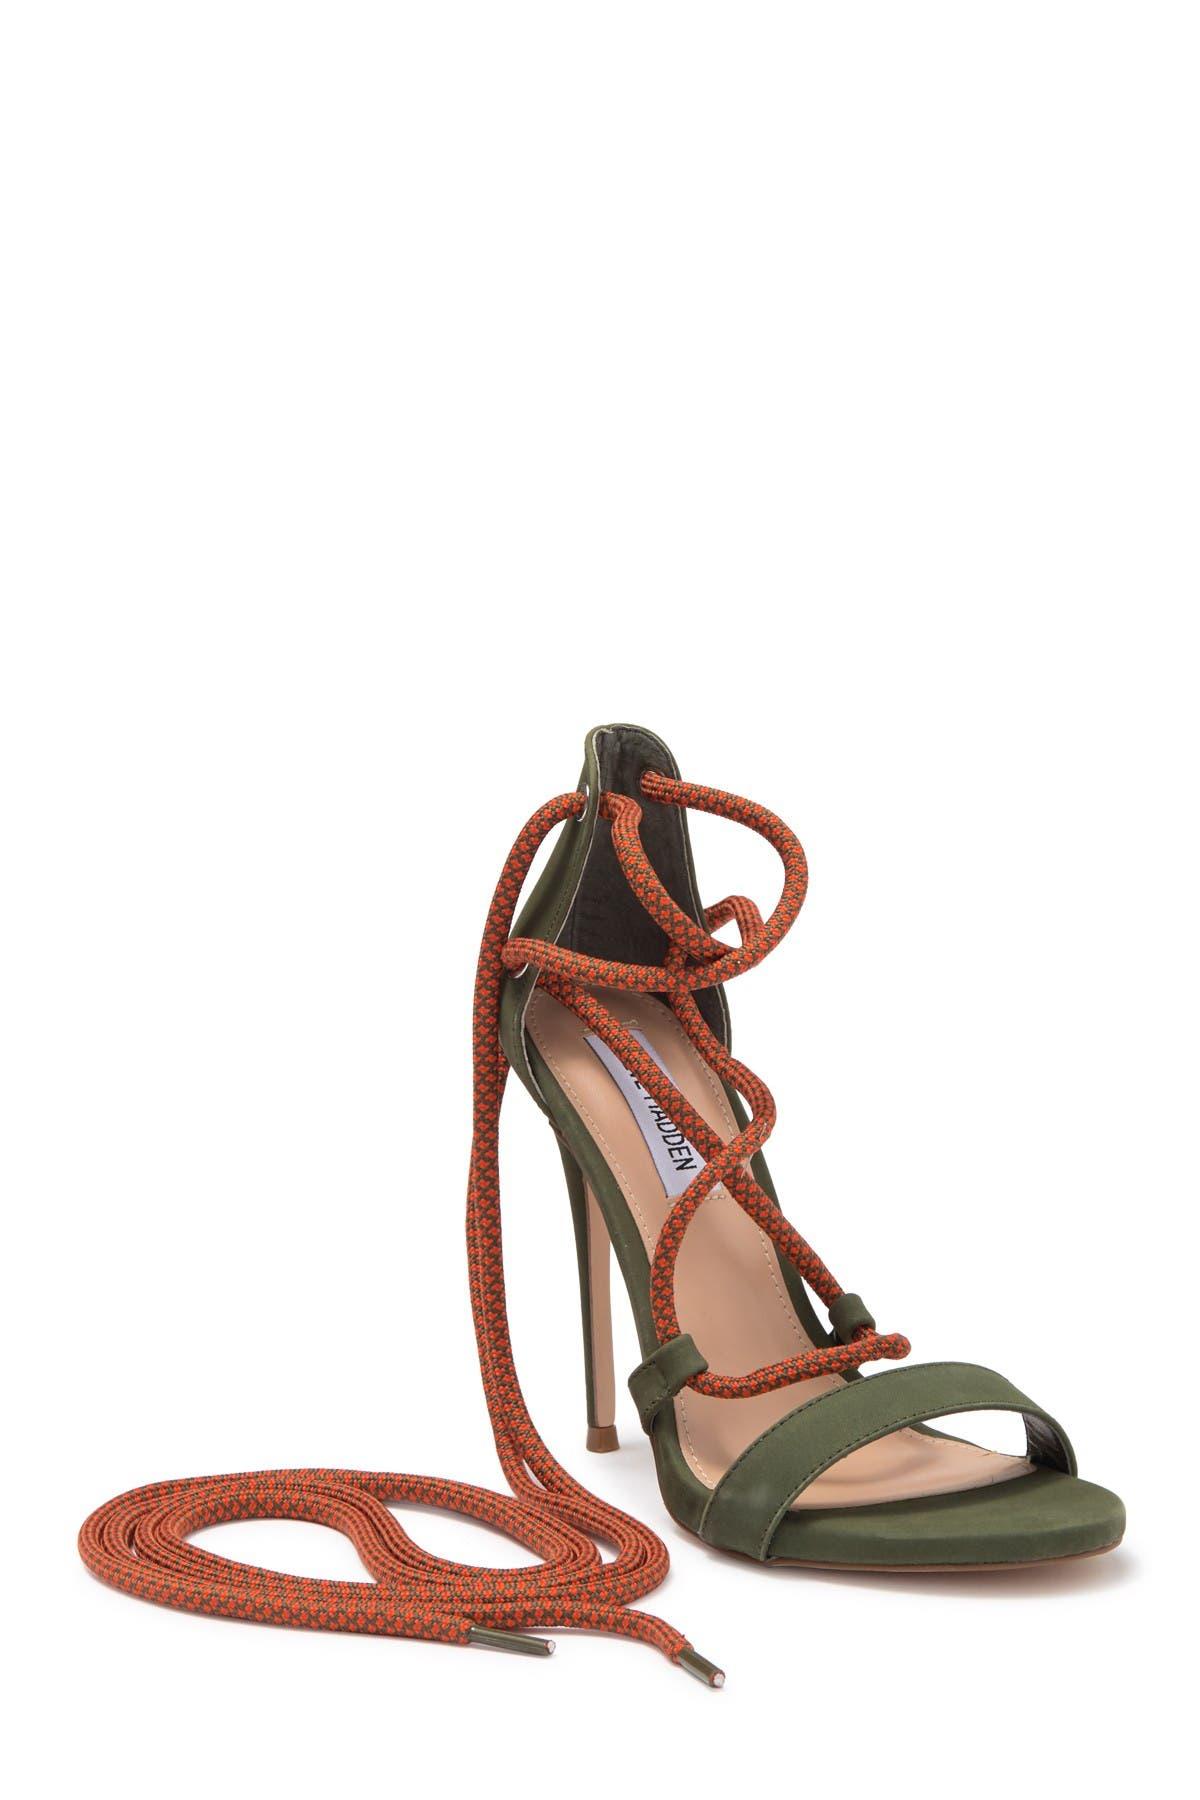 Steve Madden | Twisty Lace-Up Sandal